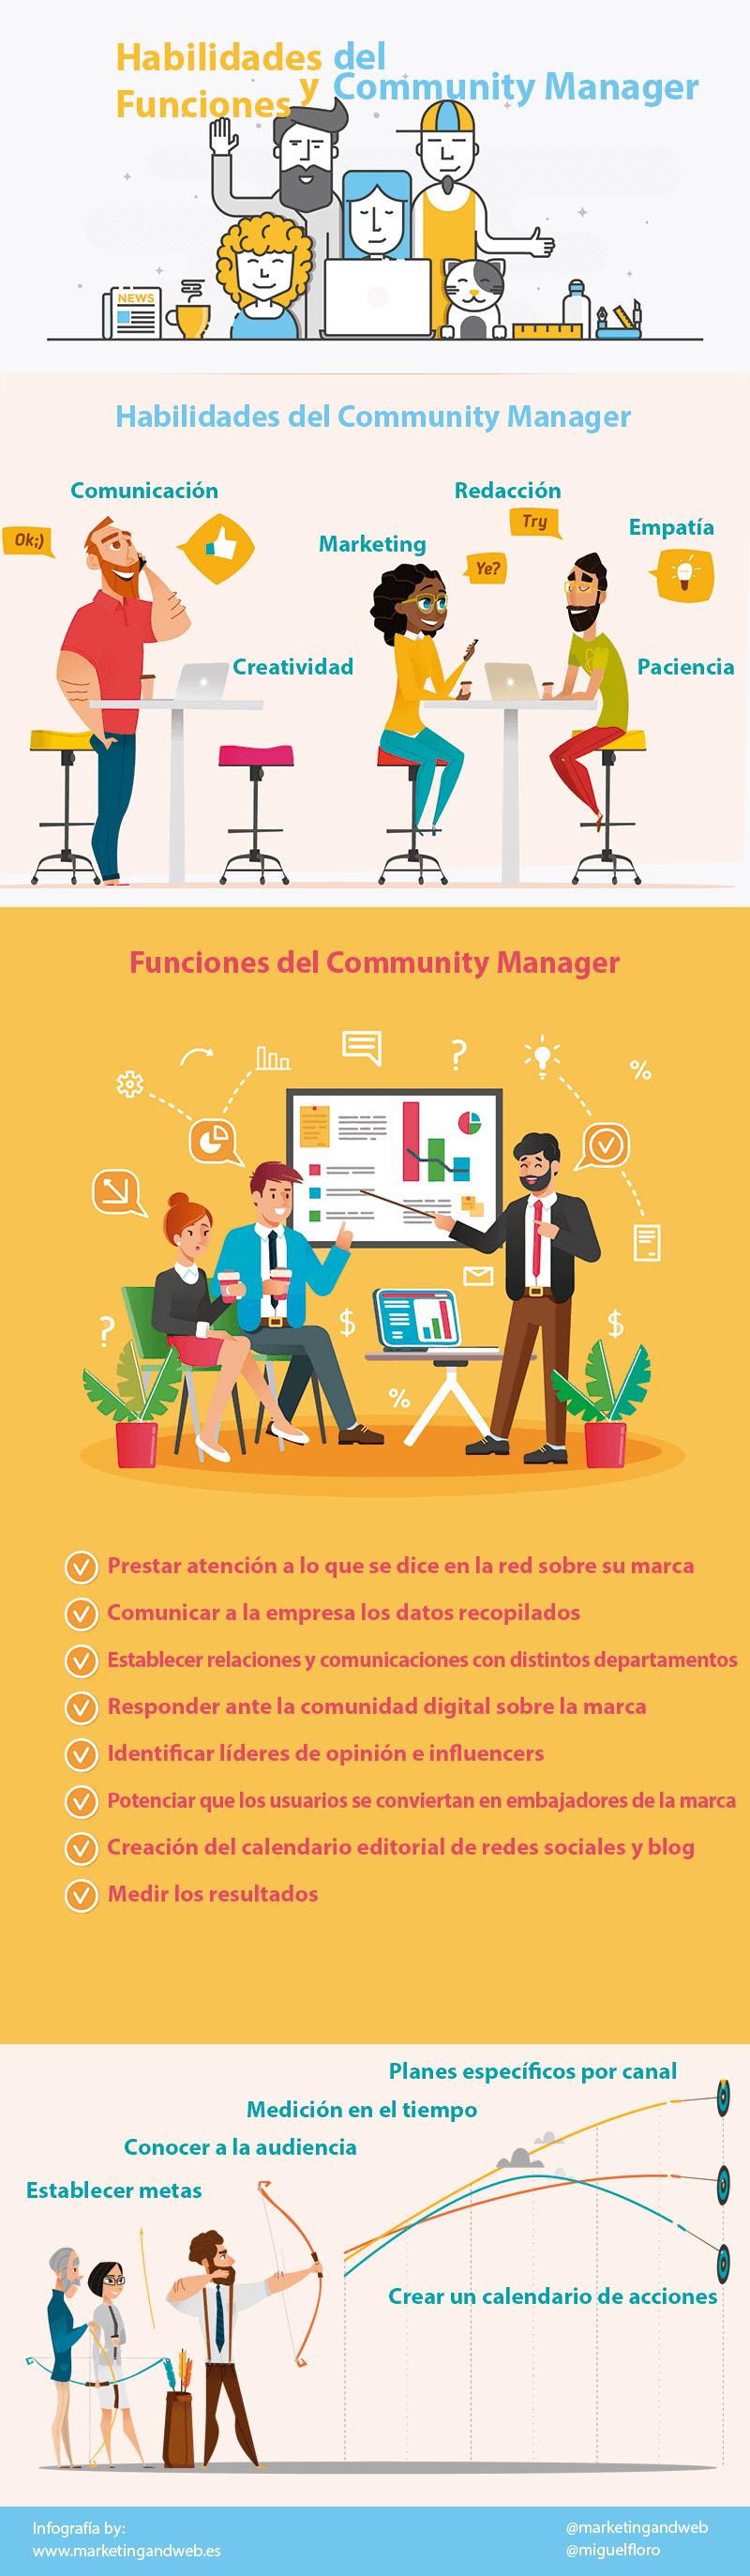 infografía habilidades y funciones del community manager